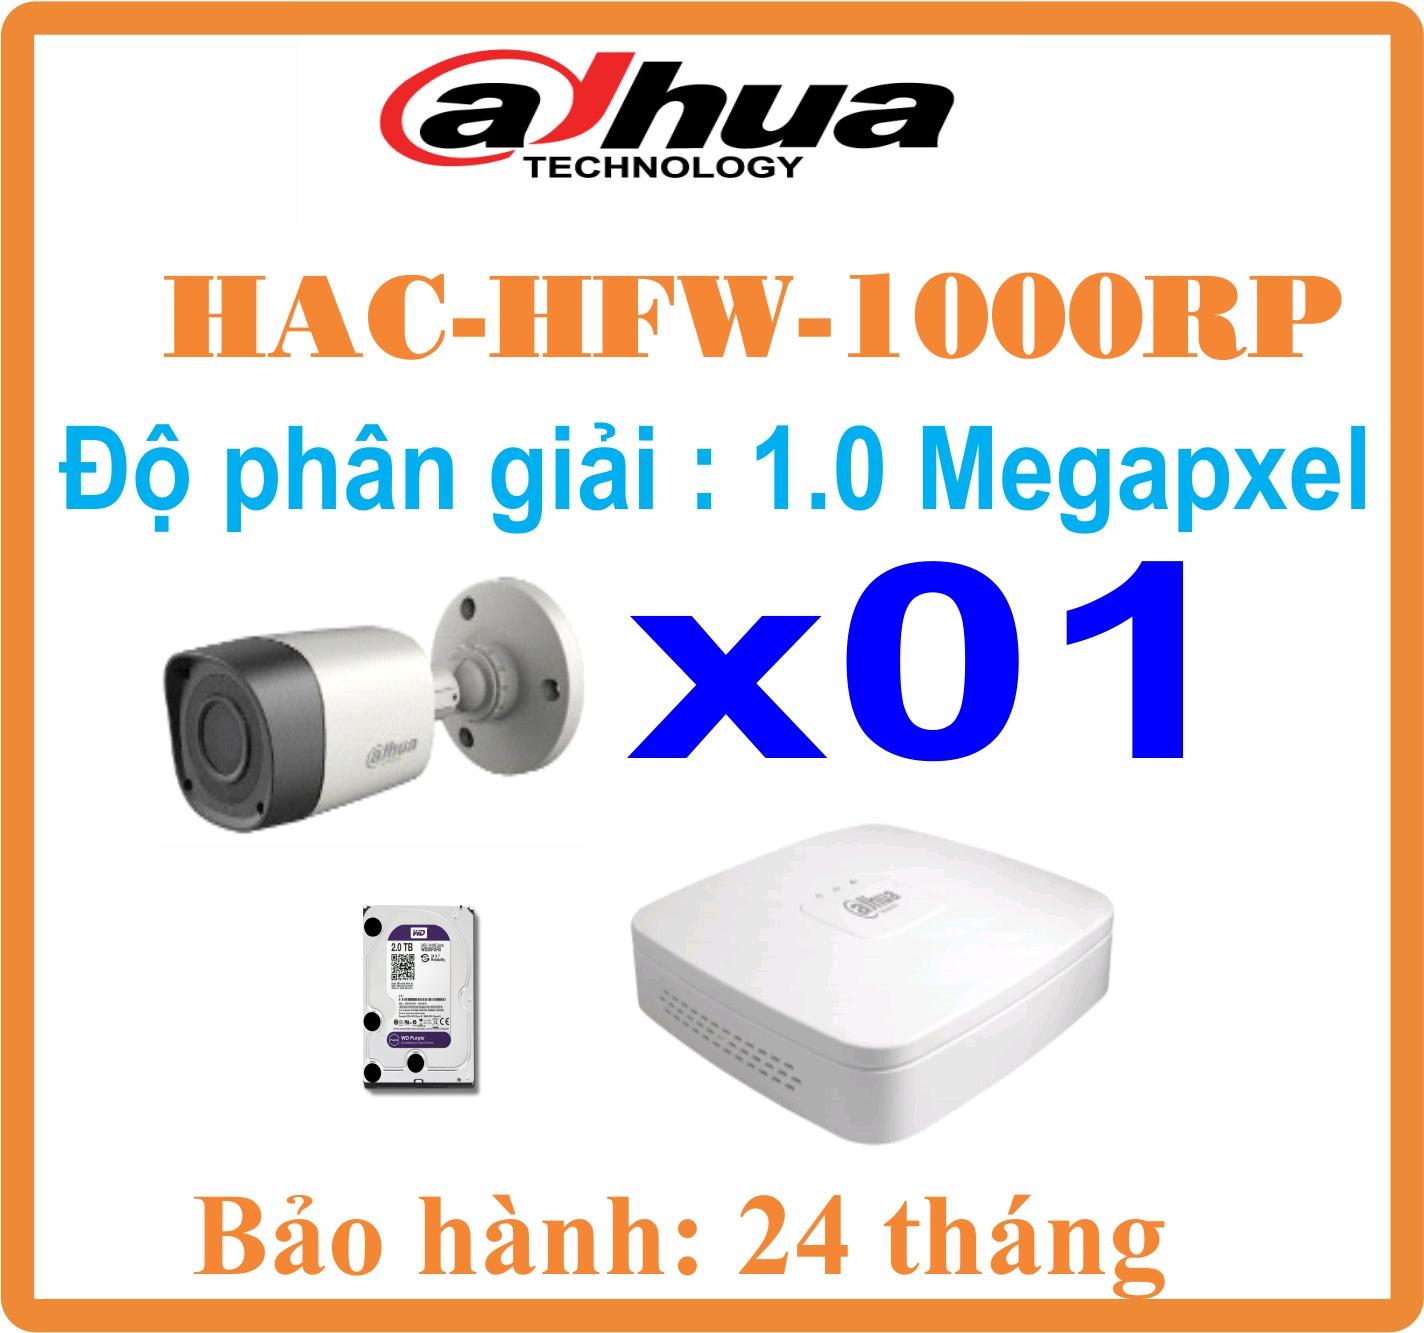 BỘ 01 CAMERA Thân Dahua 1.0 Megapixel Giá Rẻ